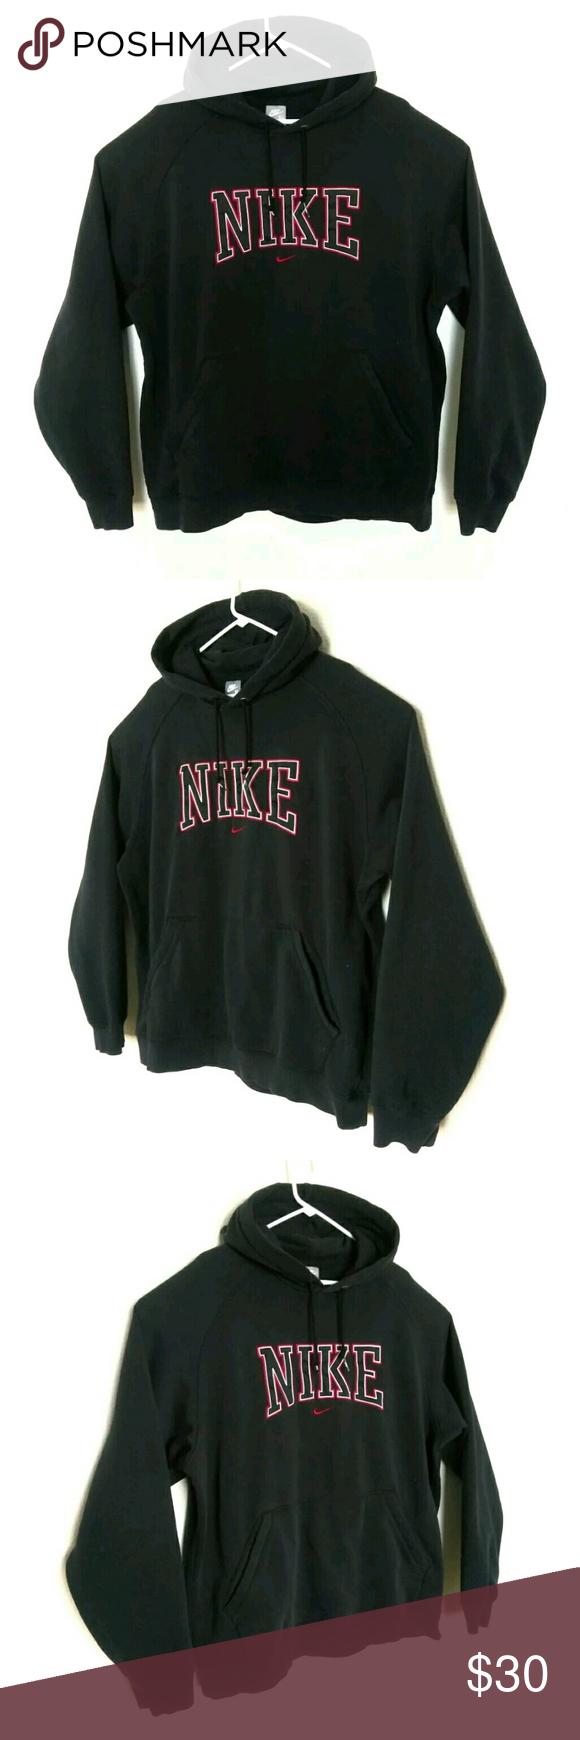 Vintage Nike Hoodie Sweatshirt Mens Xl Black You Are Buying Nike Black Hoodie Pullover Sweatshirt Mens Size Xl Sweatshirts Hoodie Mens Sweatshirts Sweatshirts